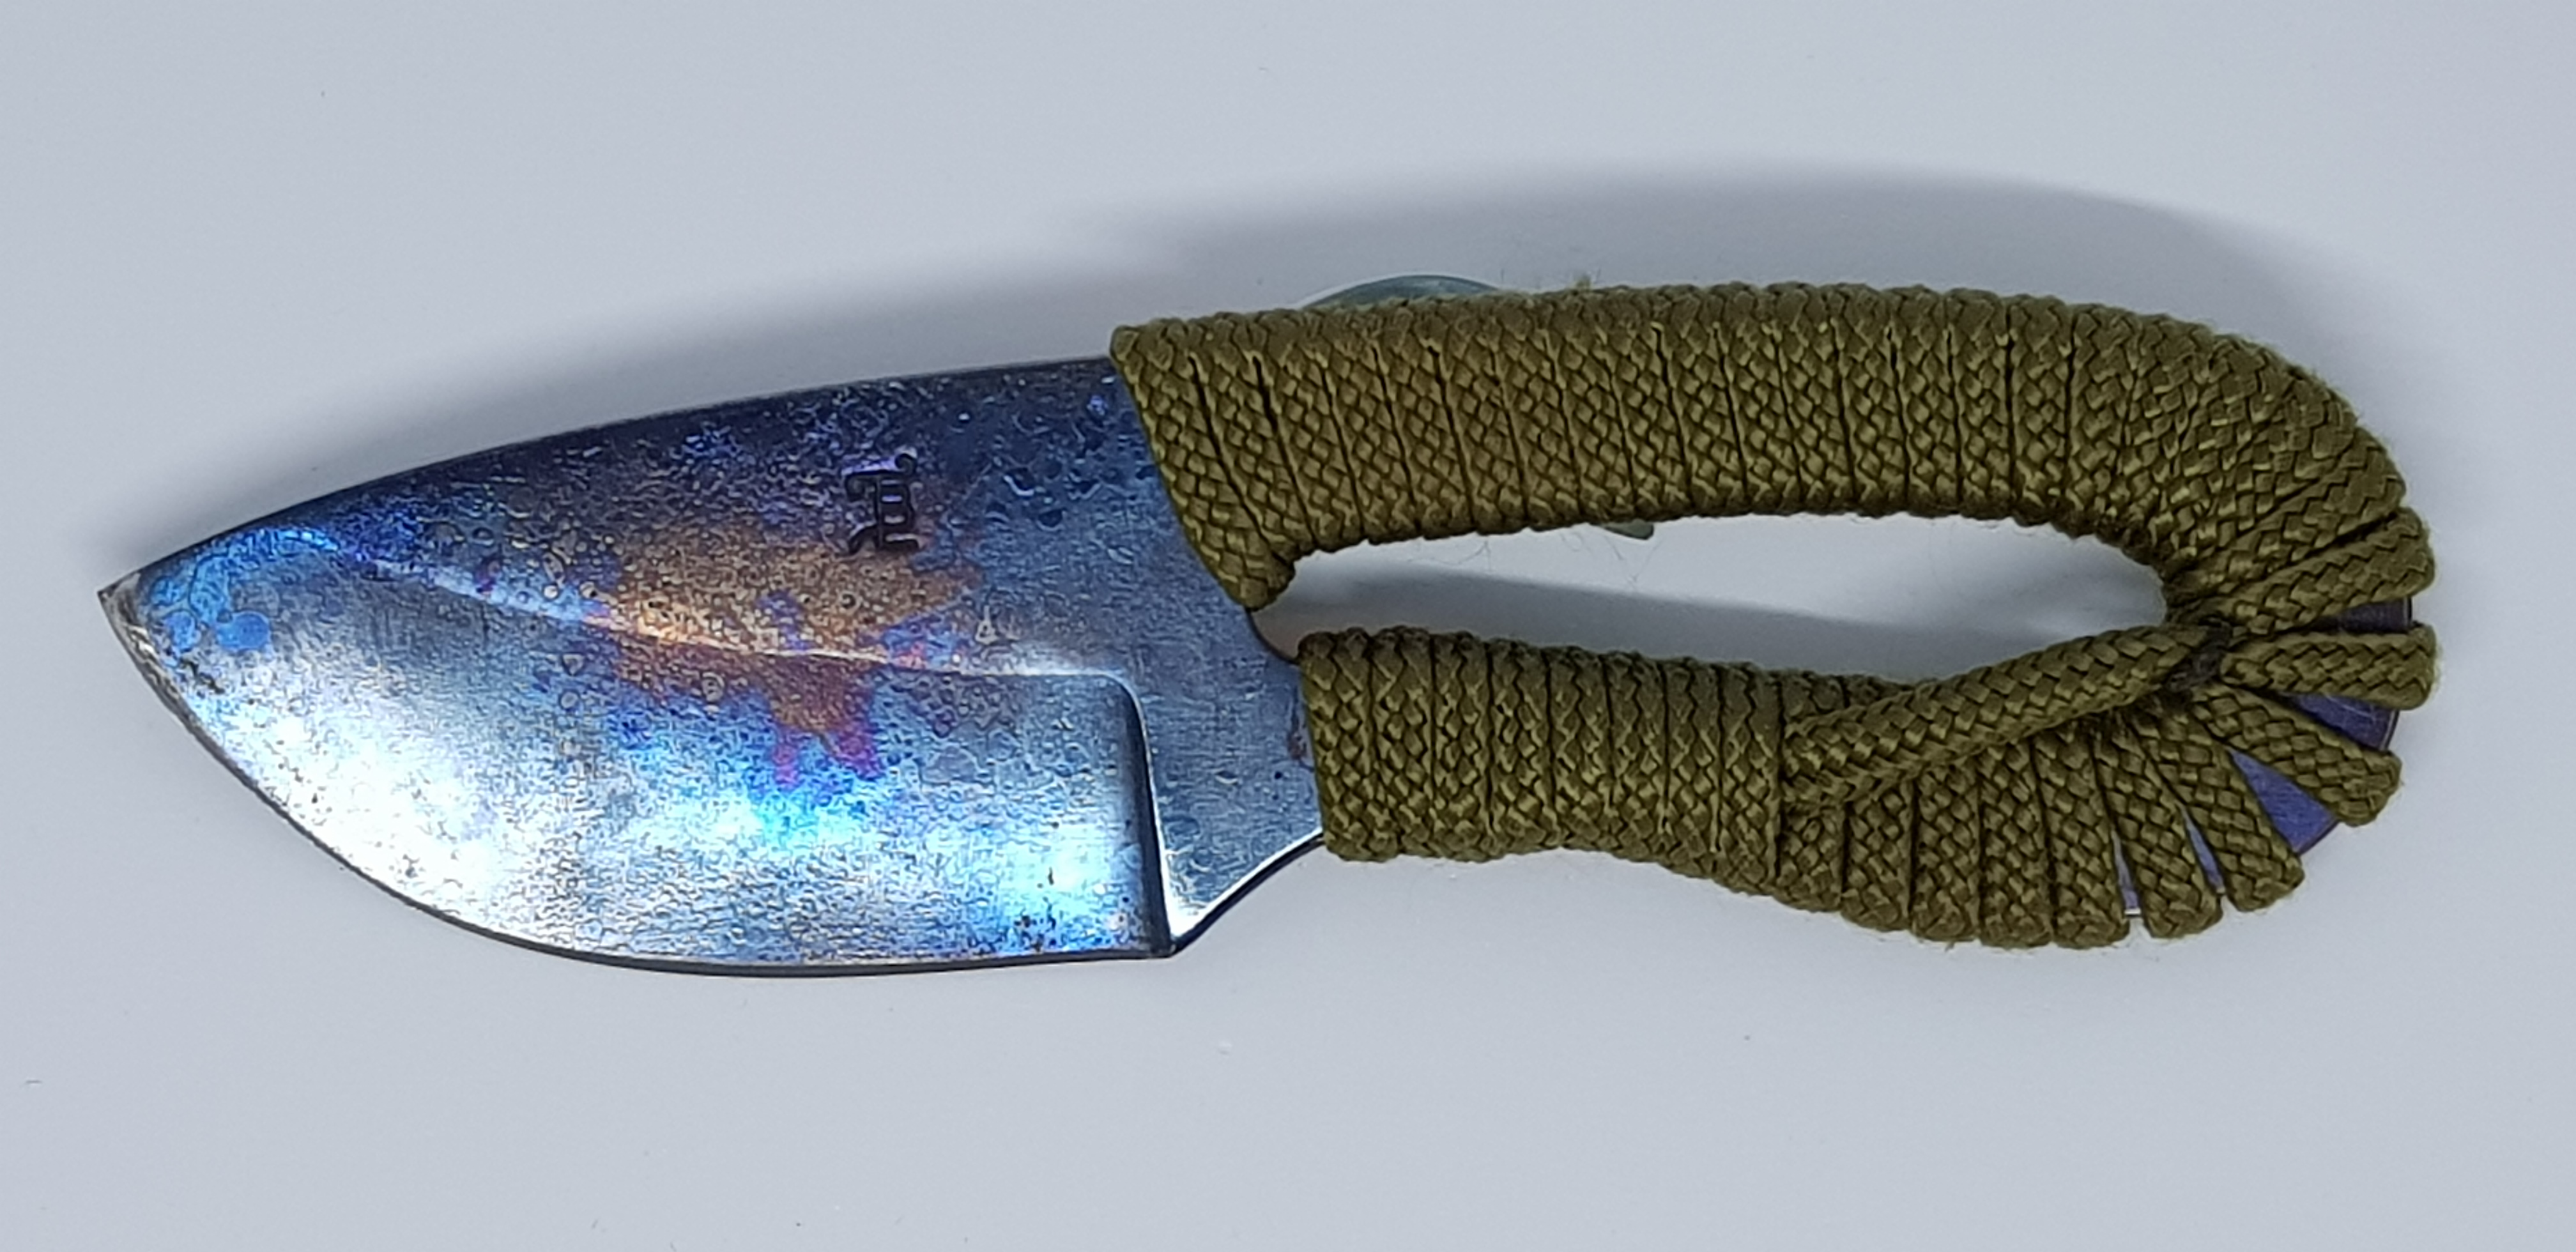 Couteau bushcraft paracorde